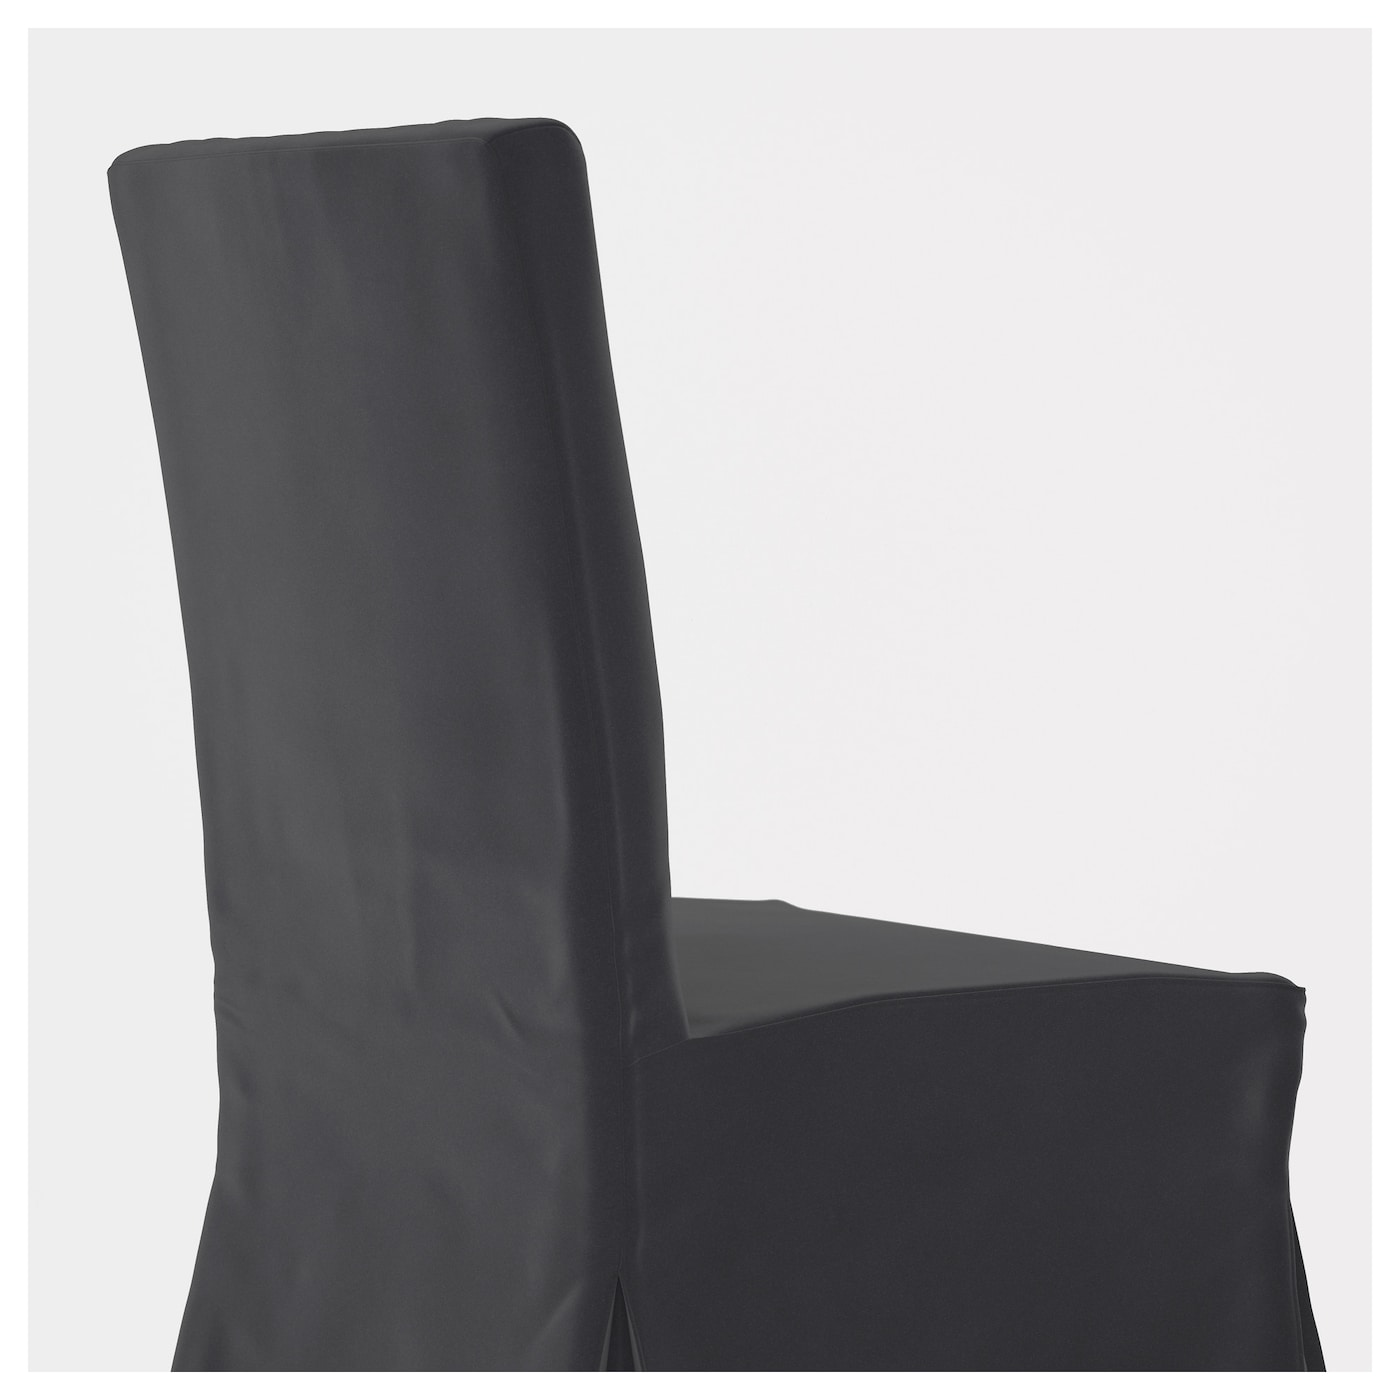 henriksdal chaise avec housse longue blanc djuparp gris fonc ikea. Black Bedroom Furniture Sets. Home Design Ideas